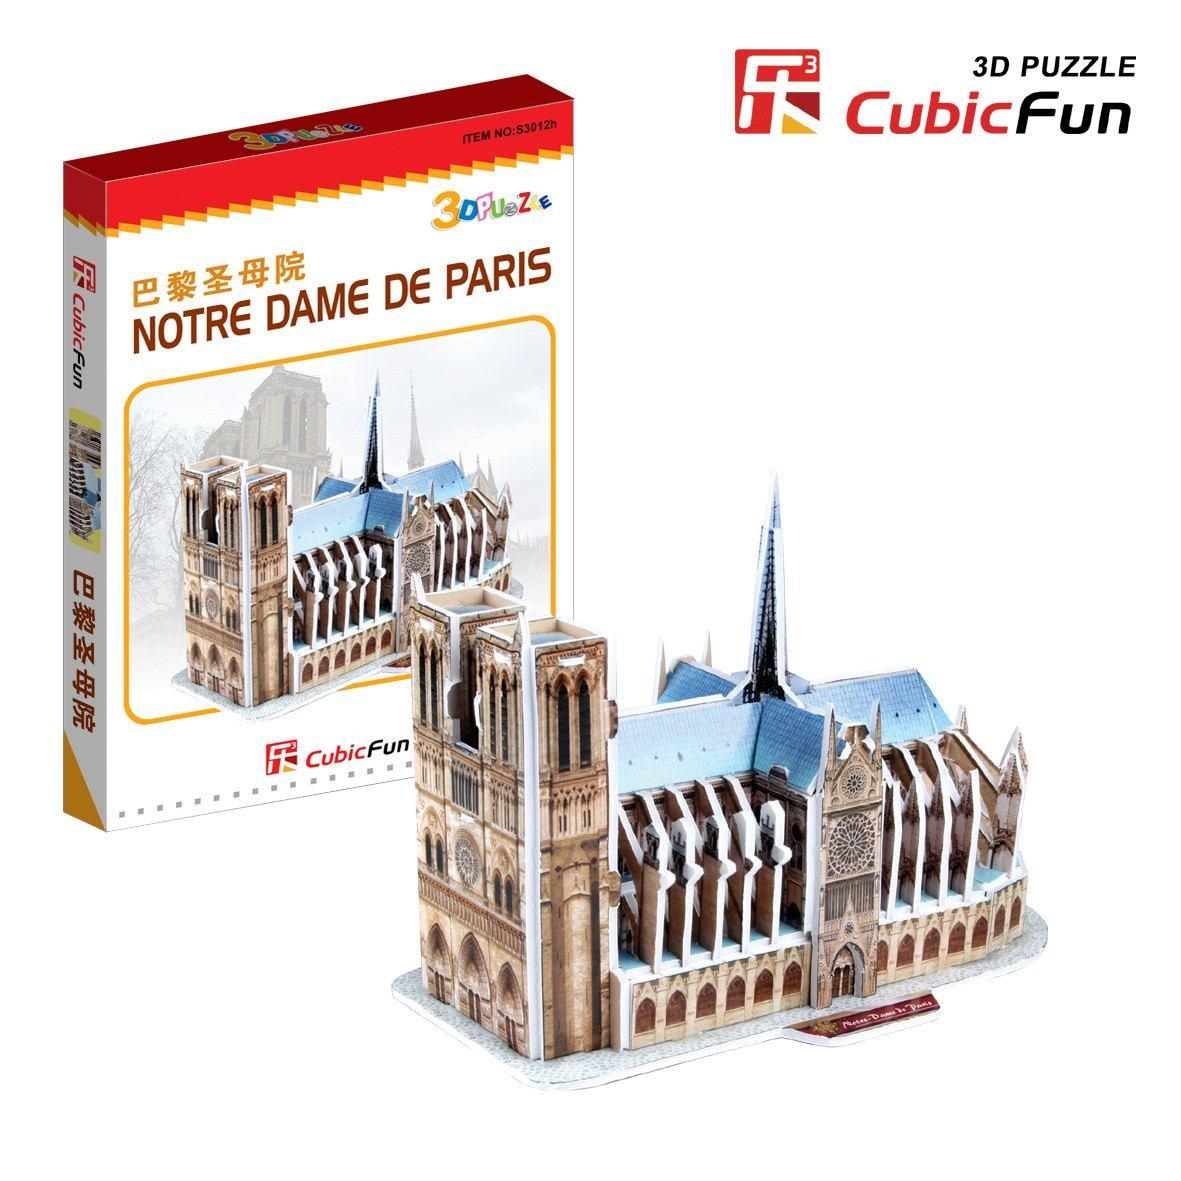 puzzle-3d-serie-mini-france-paris-cathedrale-notre-dame-difficulte-2-8-, 3.36 EUR @ go